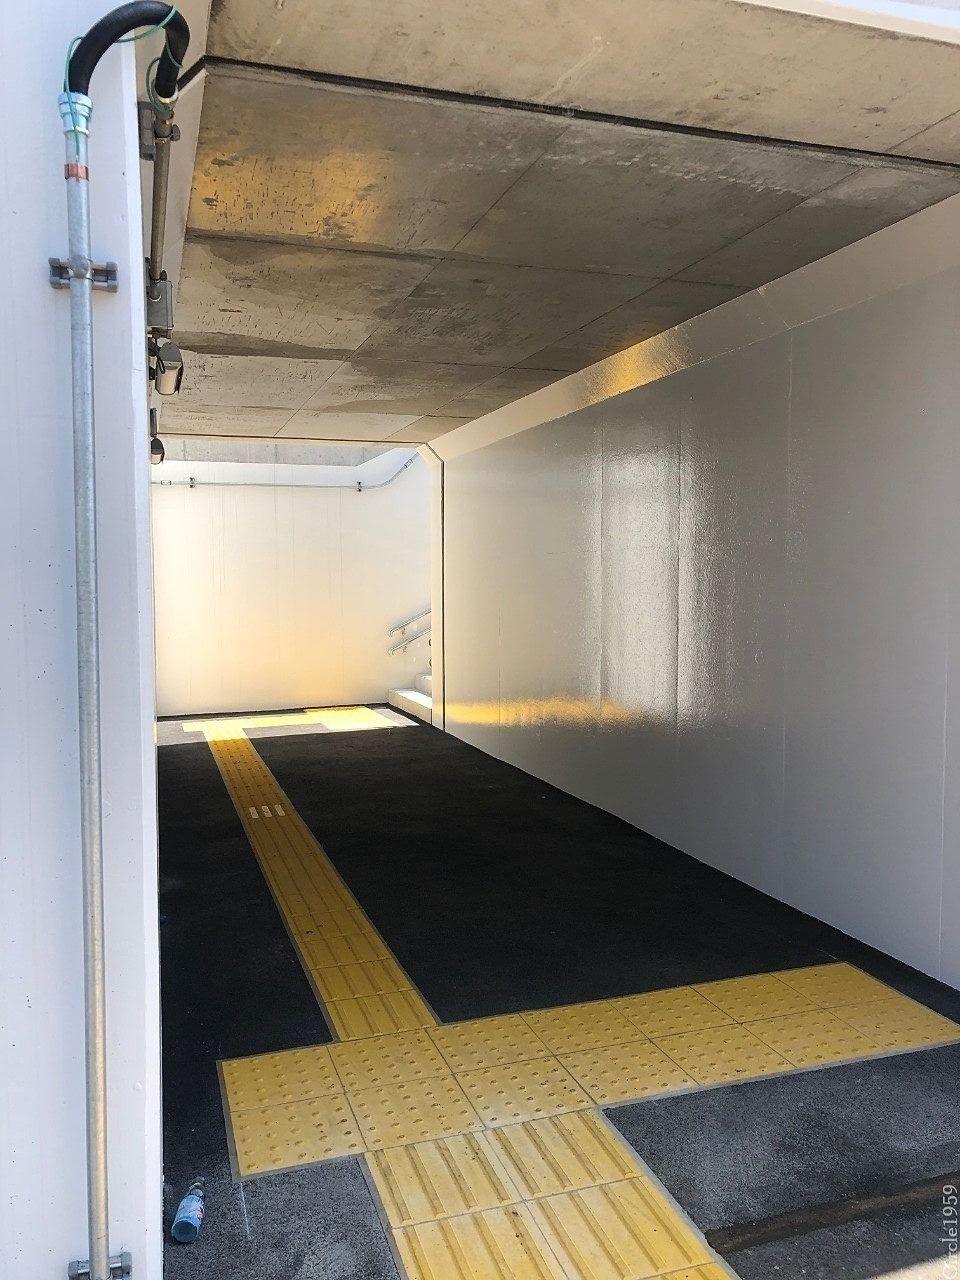 桜木トンネル 桜木中 都市計画 上町